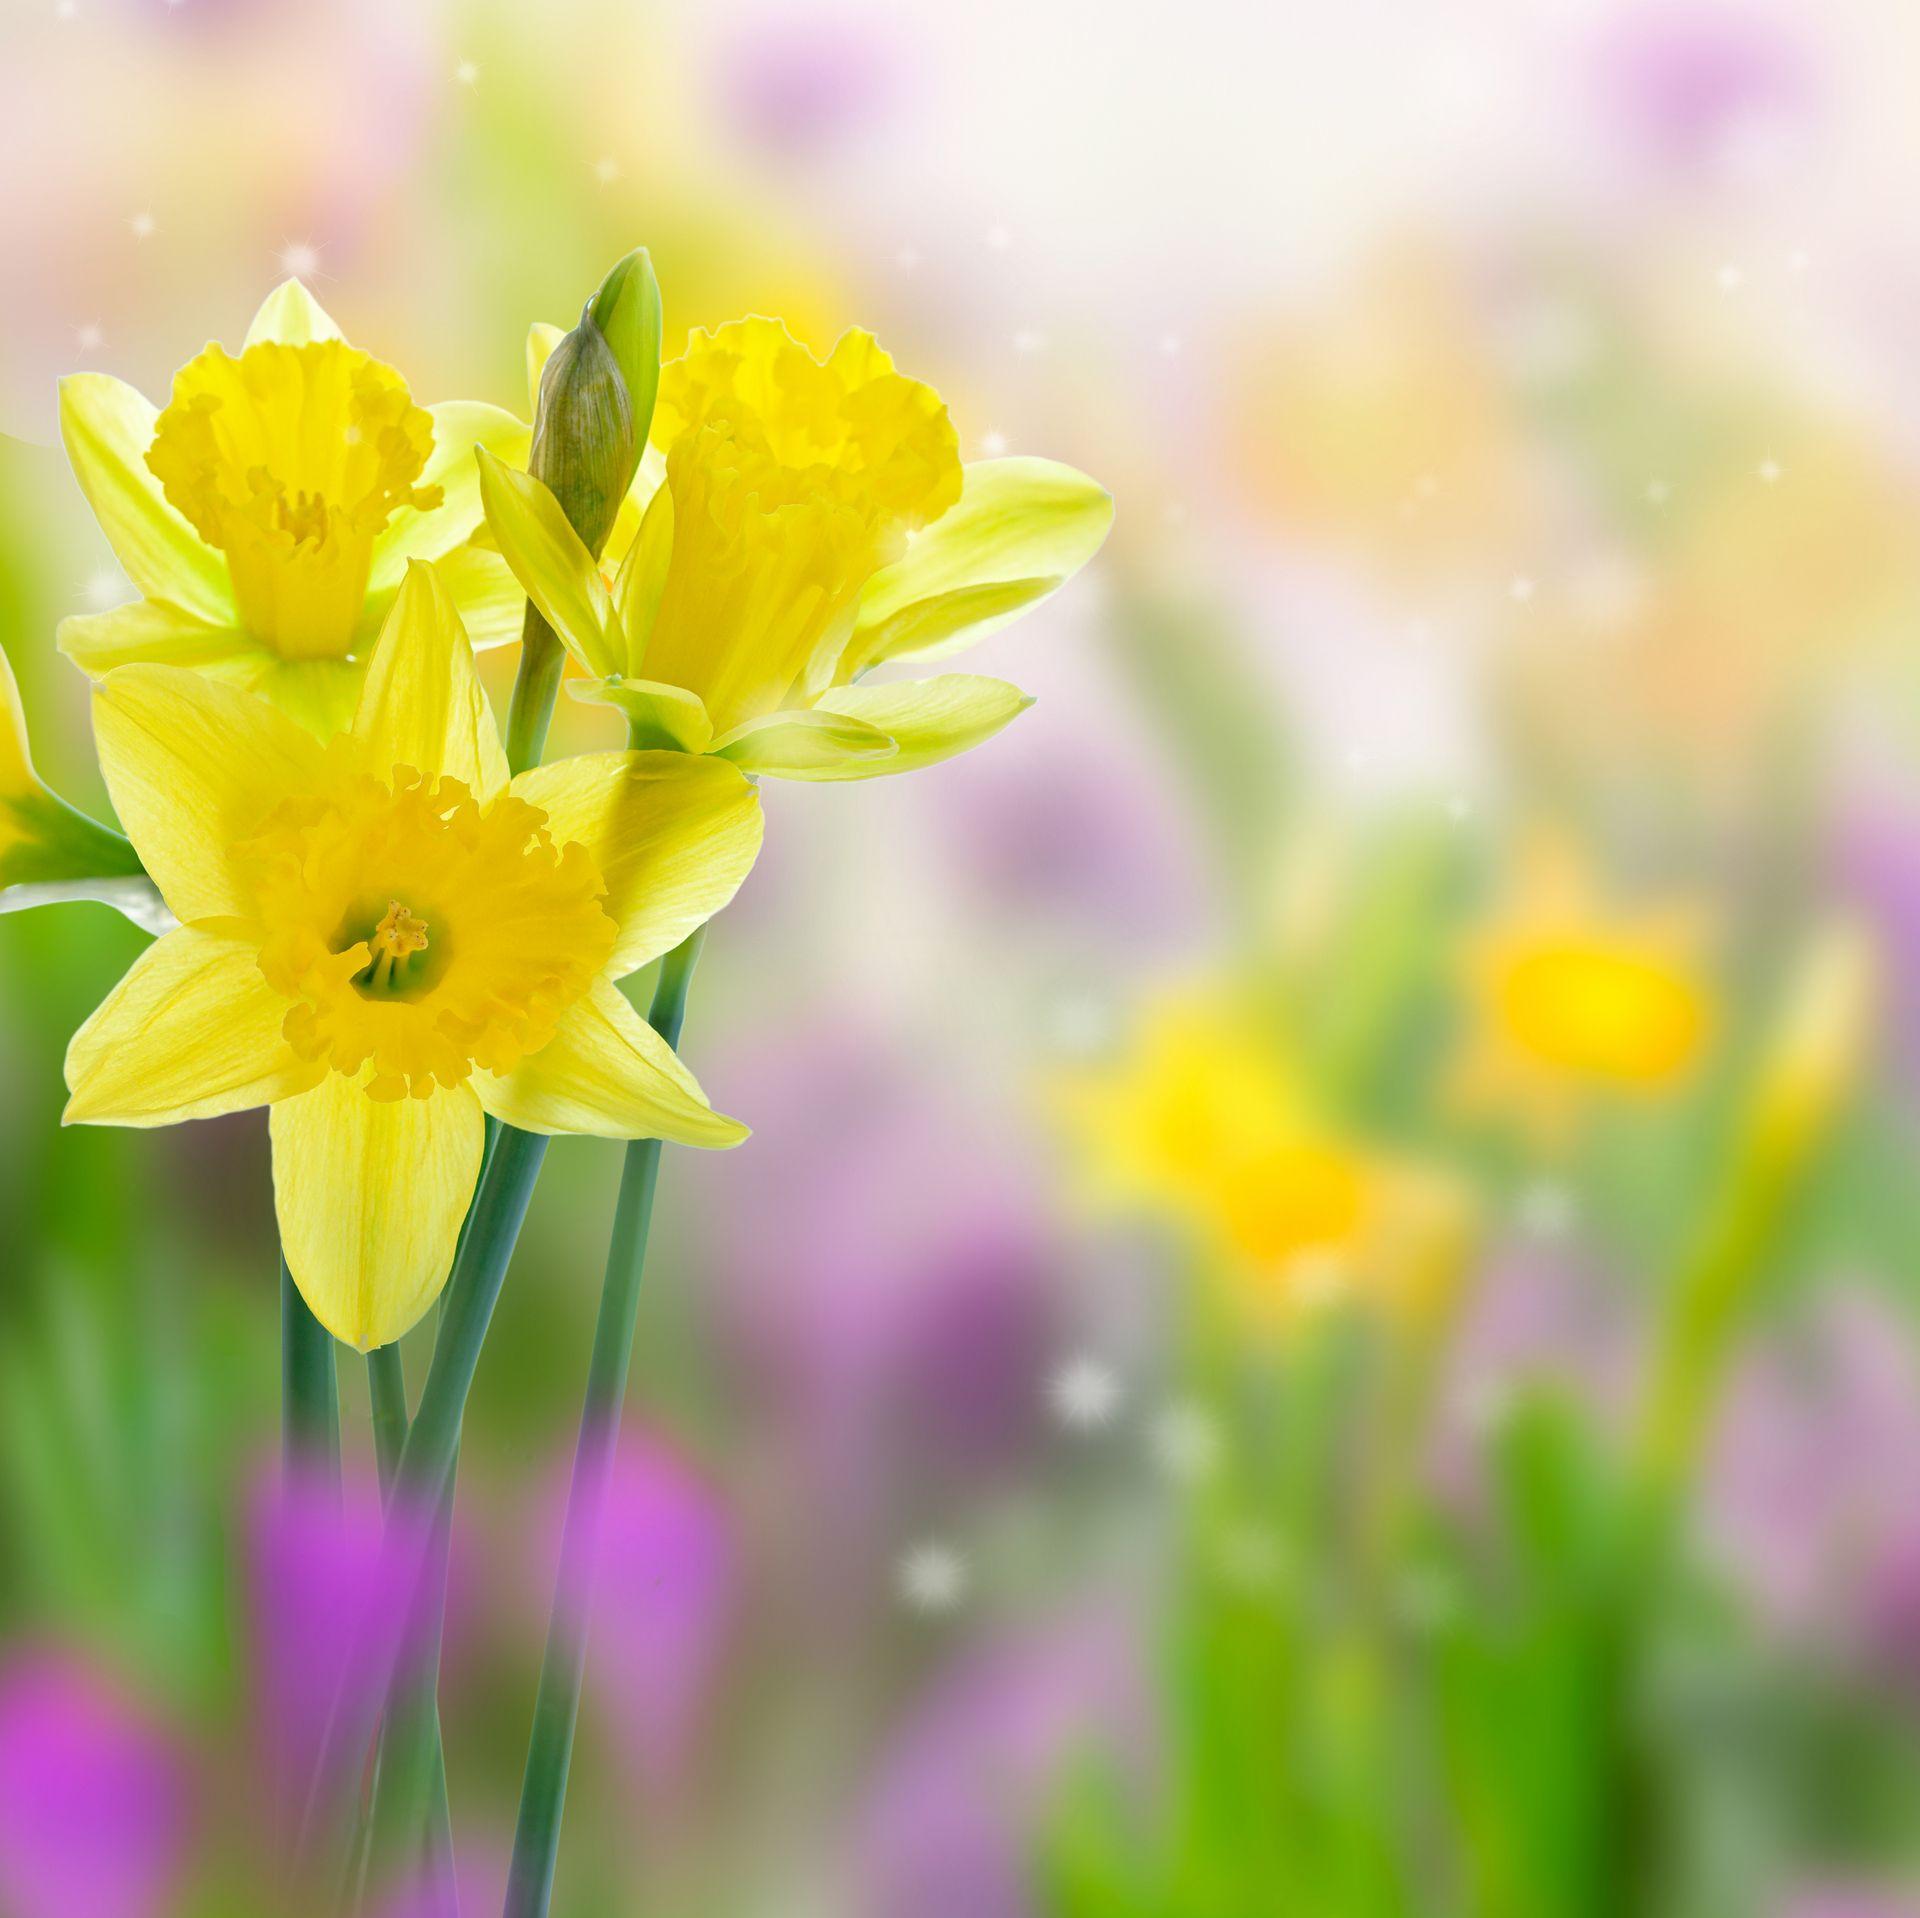 Cool Spring Wallpapers: Free Spring Desktop Wallpaper